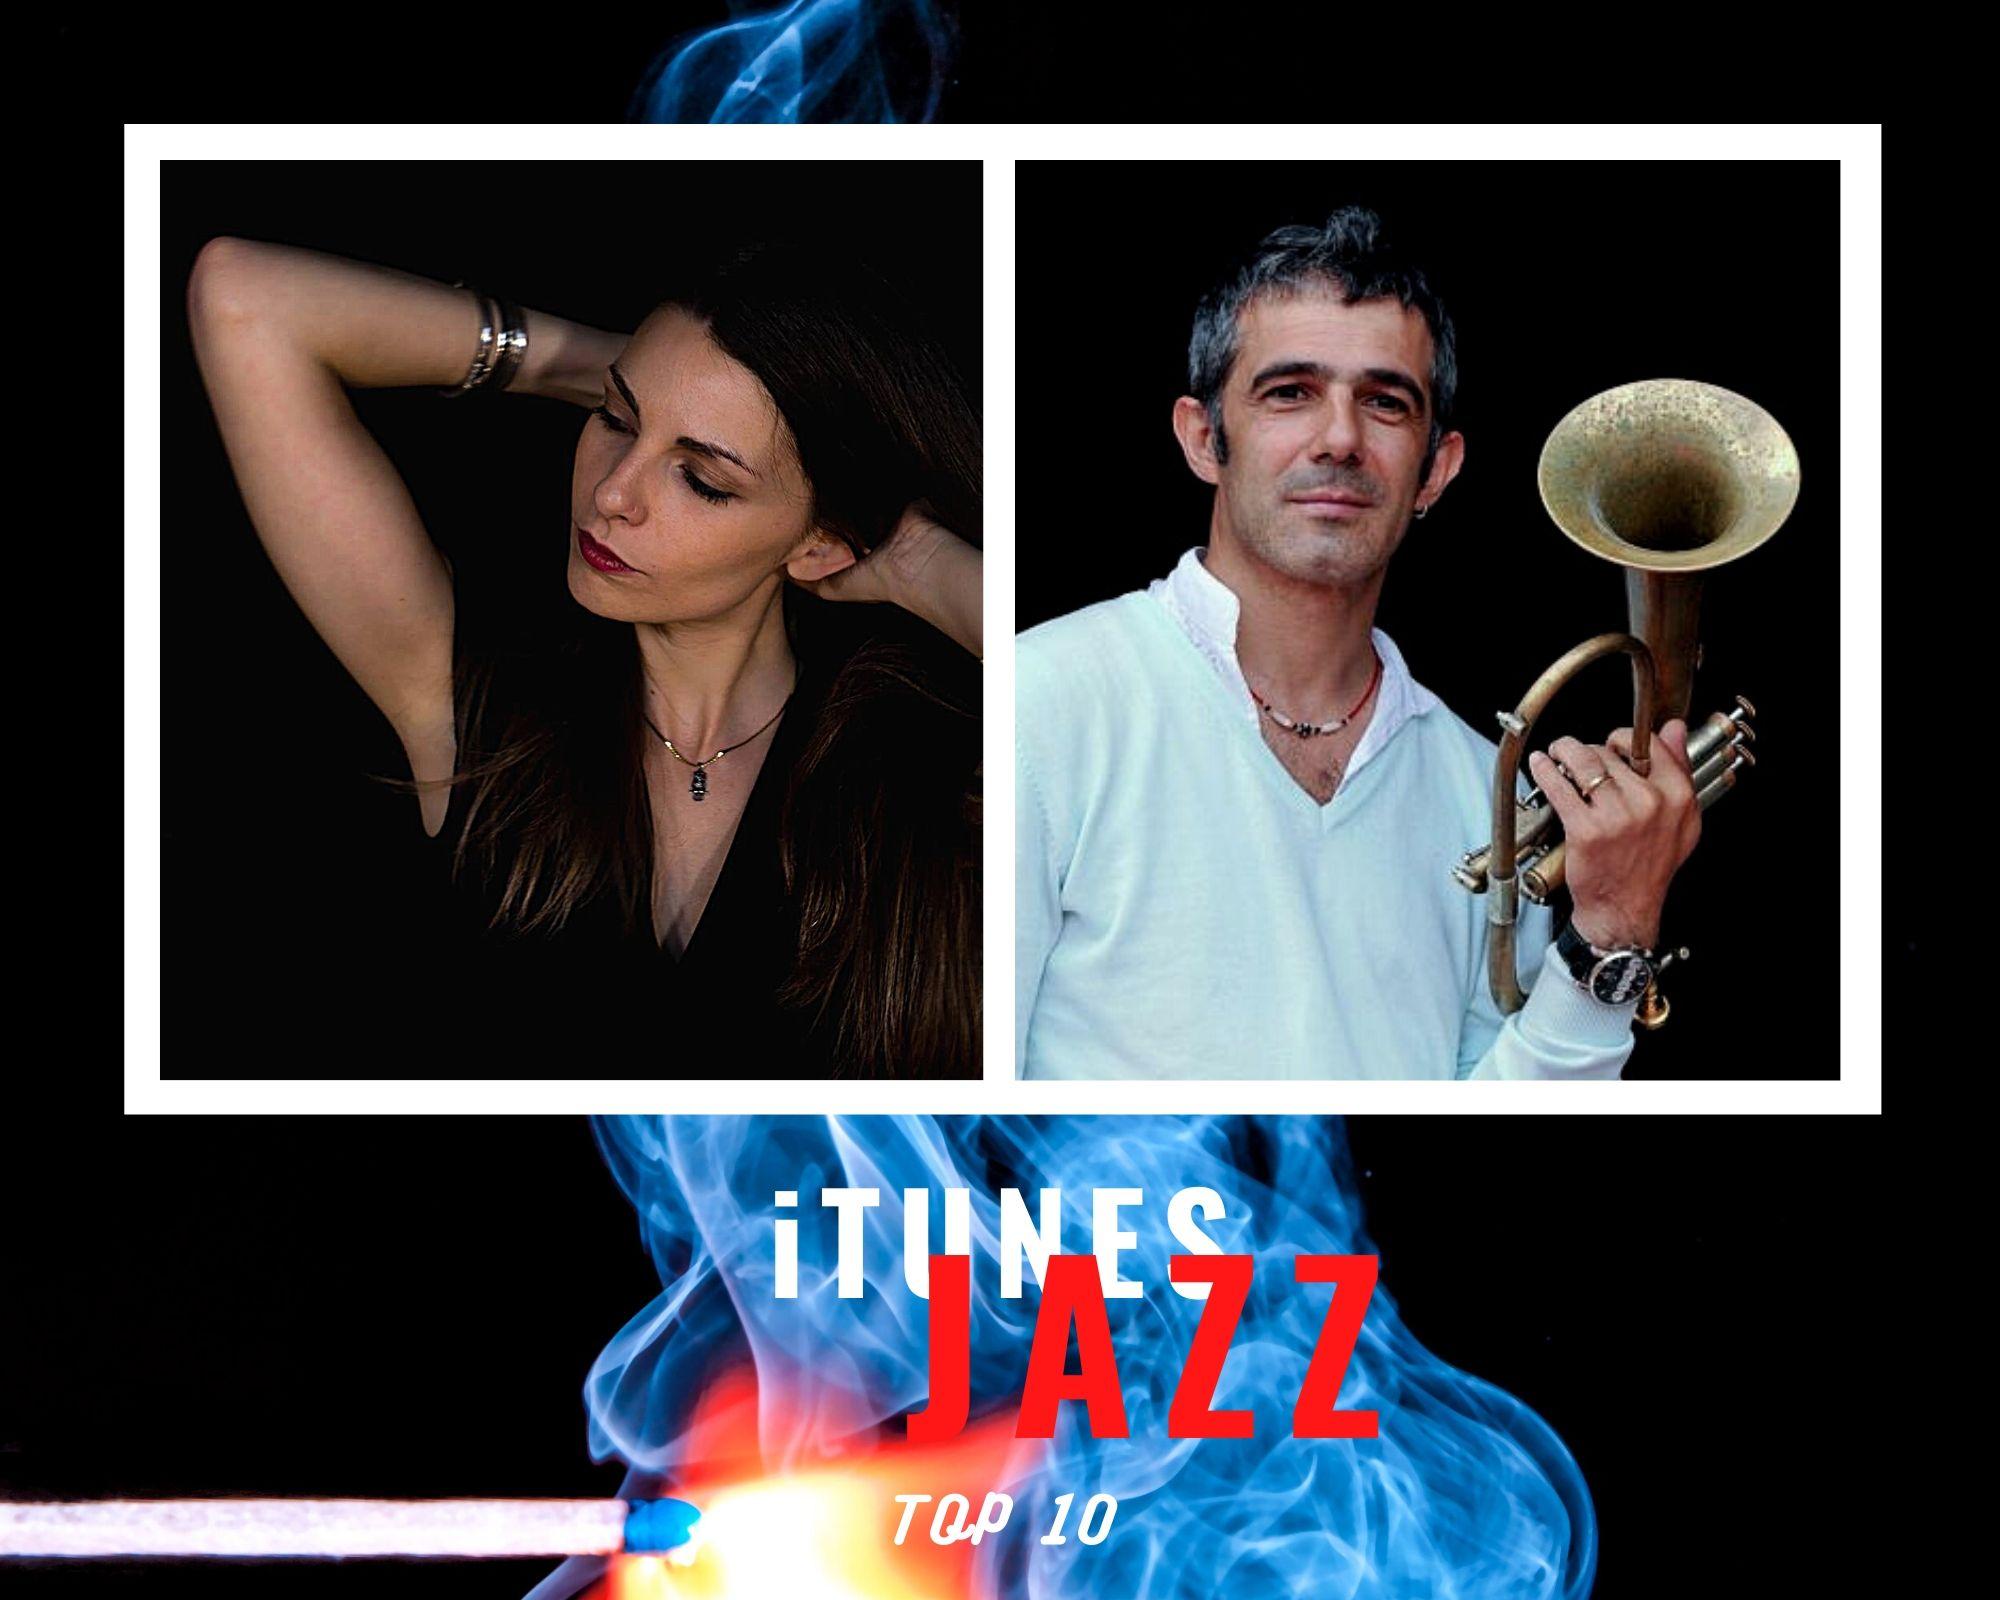 iTunes Italia, Top 10 Jazz: alla 1 il debutto di Giulia Damico e la coppia Towner-Fresu